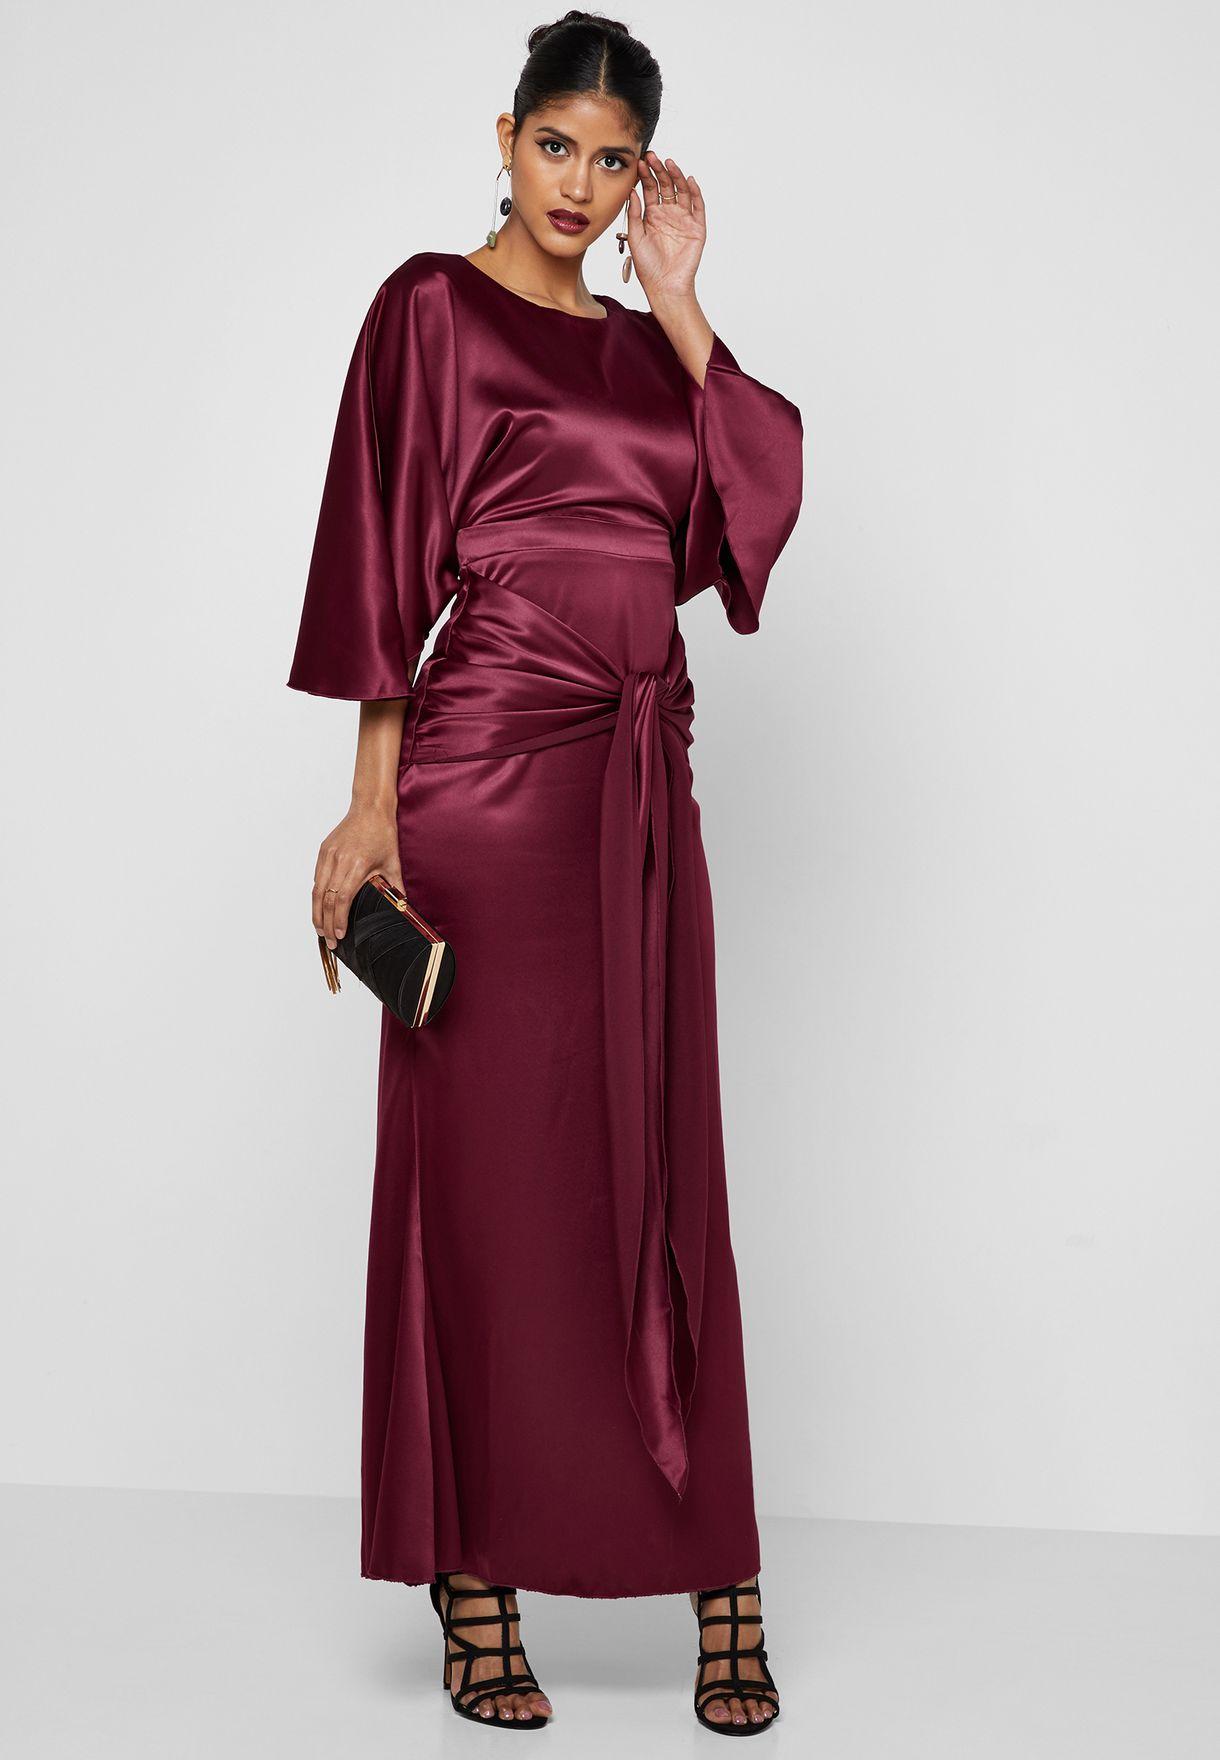 صور  أشكال فستان ستان طويل بكم للمحجبات مناسب للسهرات